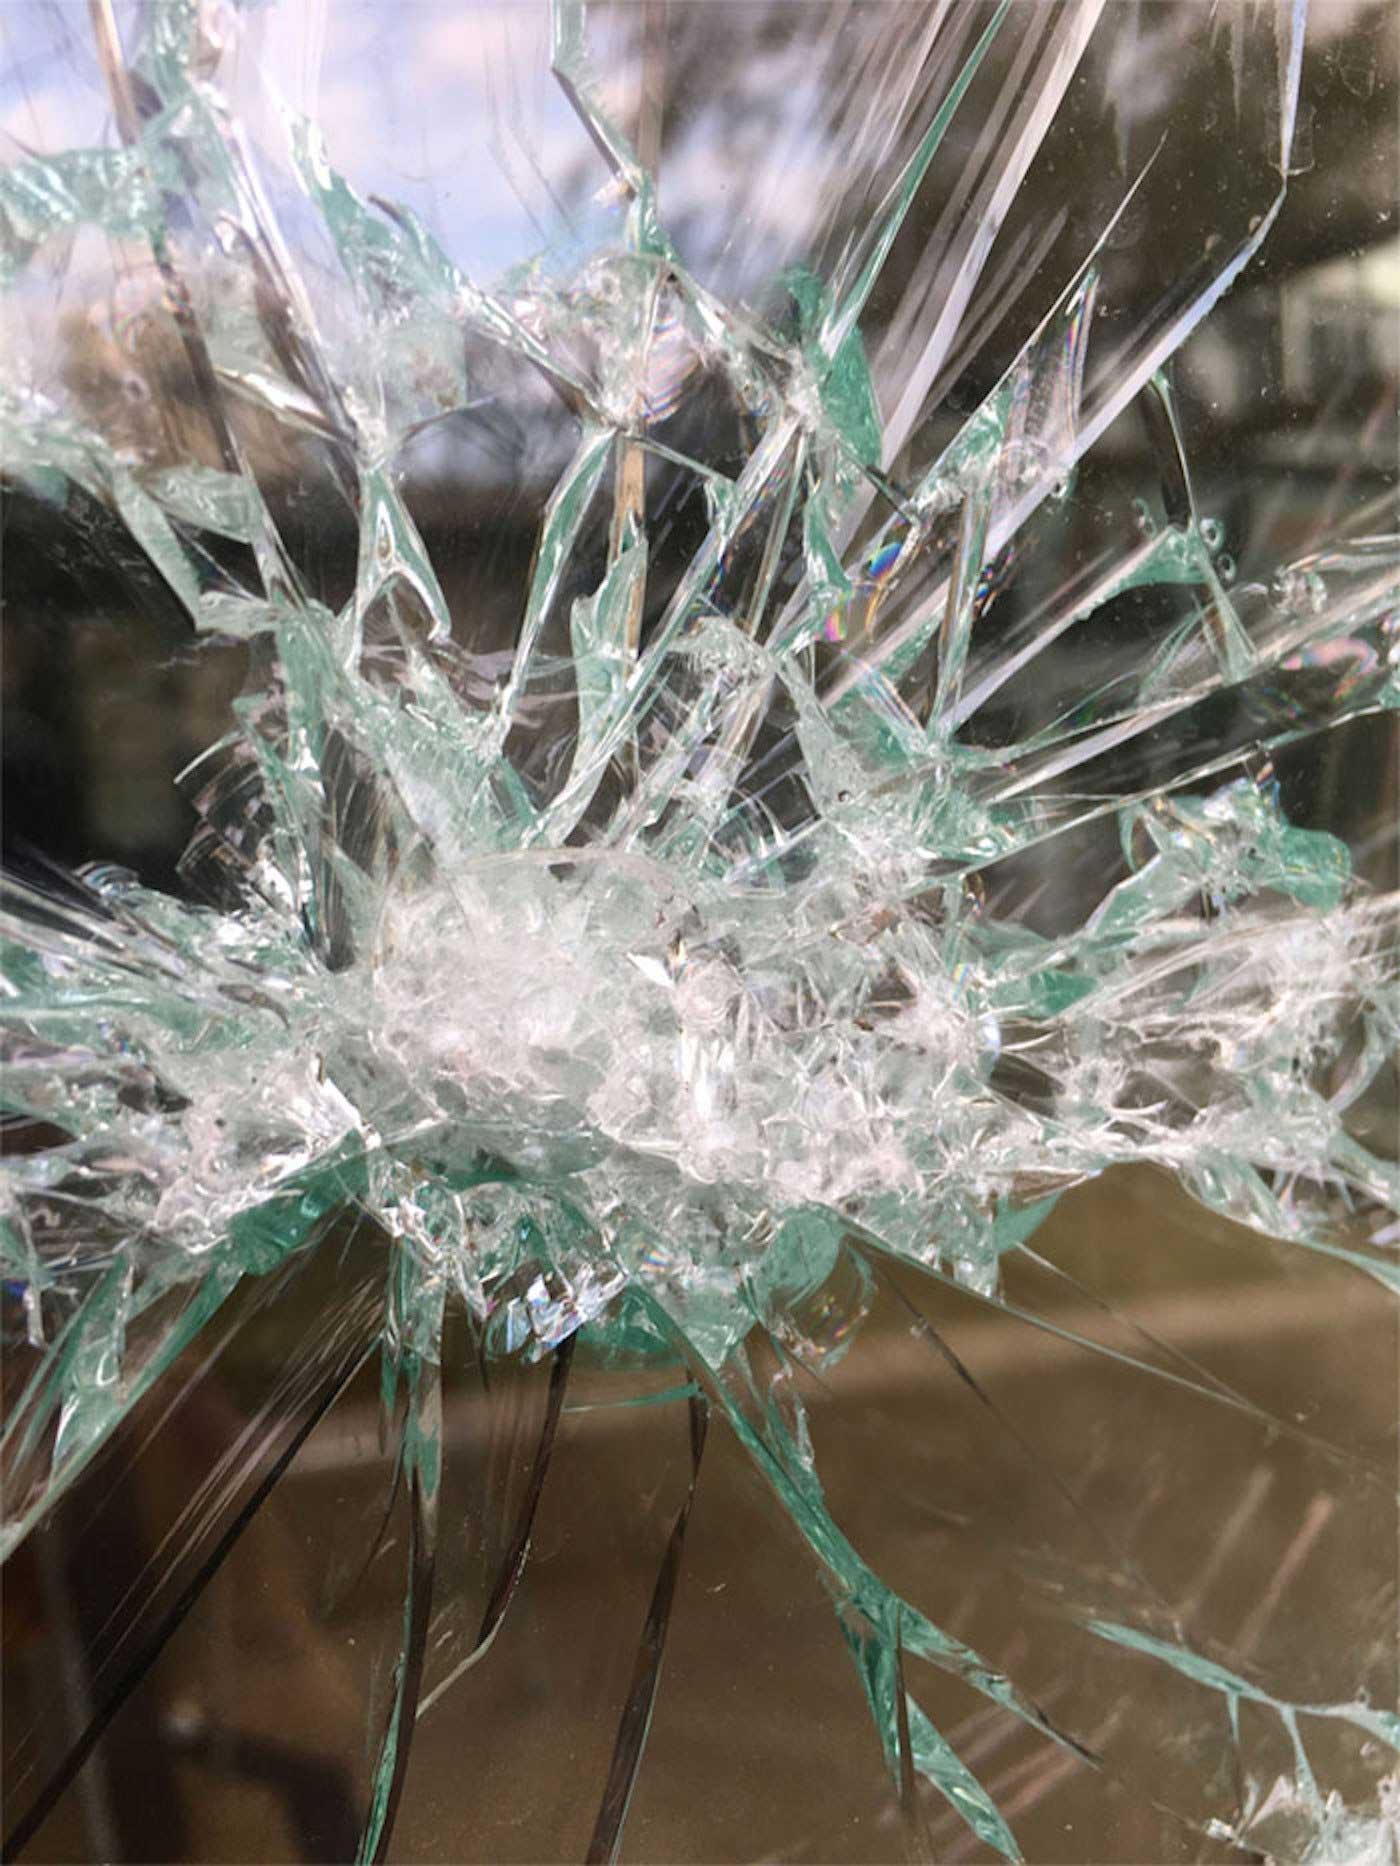 Portrait aus zersprungenem Fensterglas Simon-Berger-Defekt-installation_04